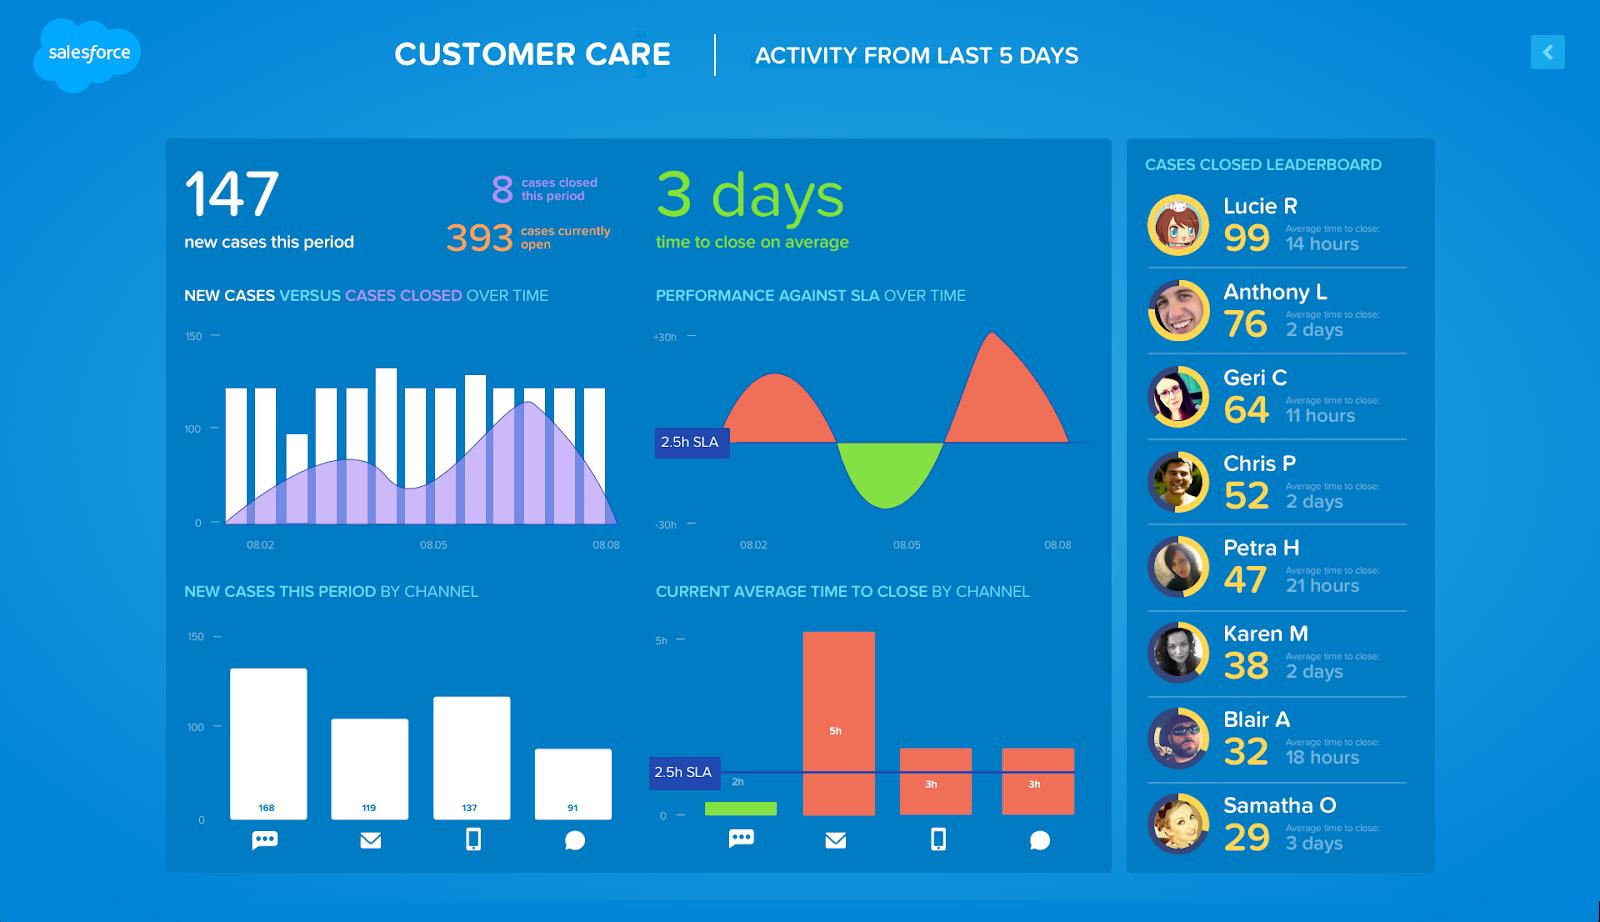 Centro de comando do Salesforce, exibindo gráficos de barras de atendimento ao cliente e um placar com agentes de atendimento